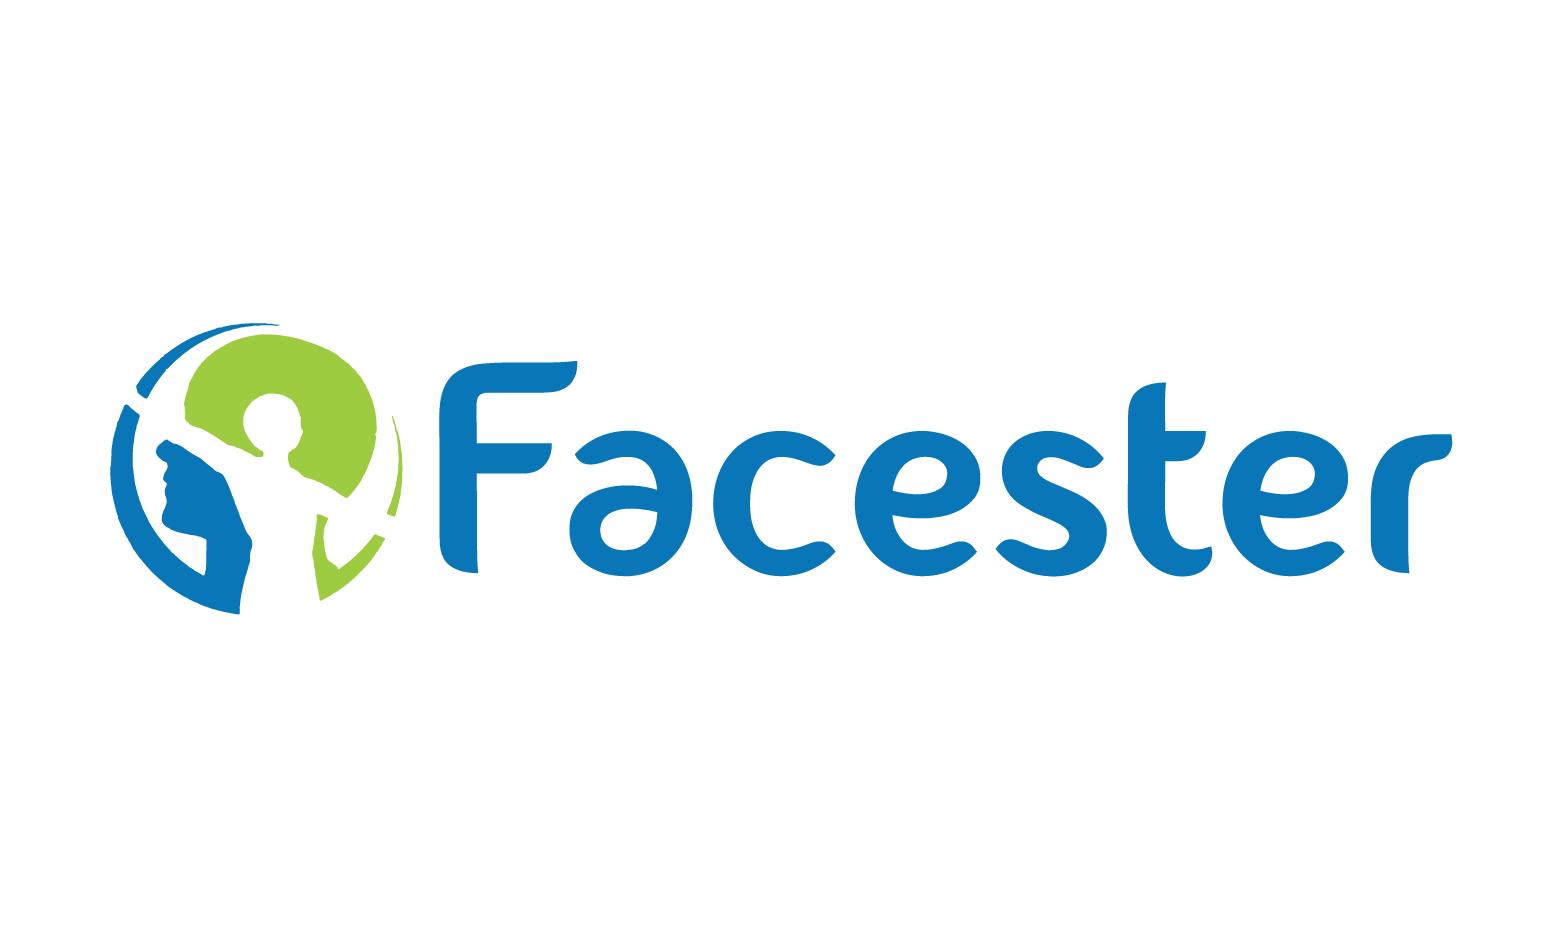 Facester.com